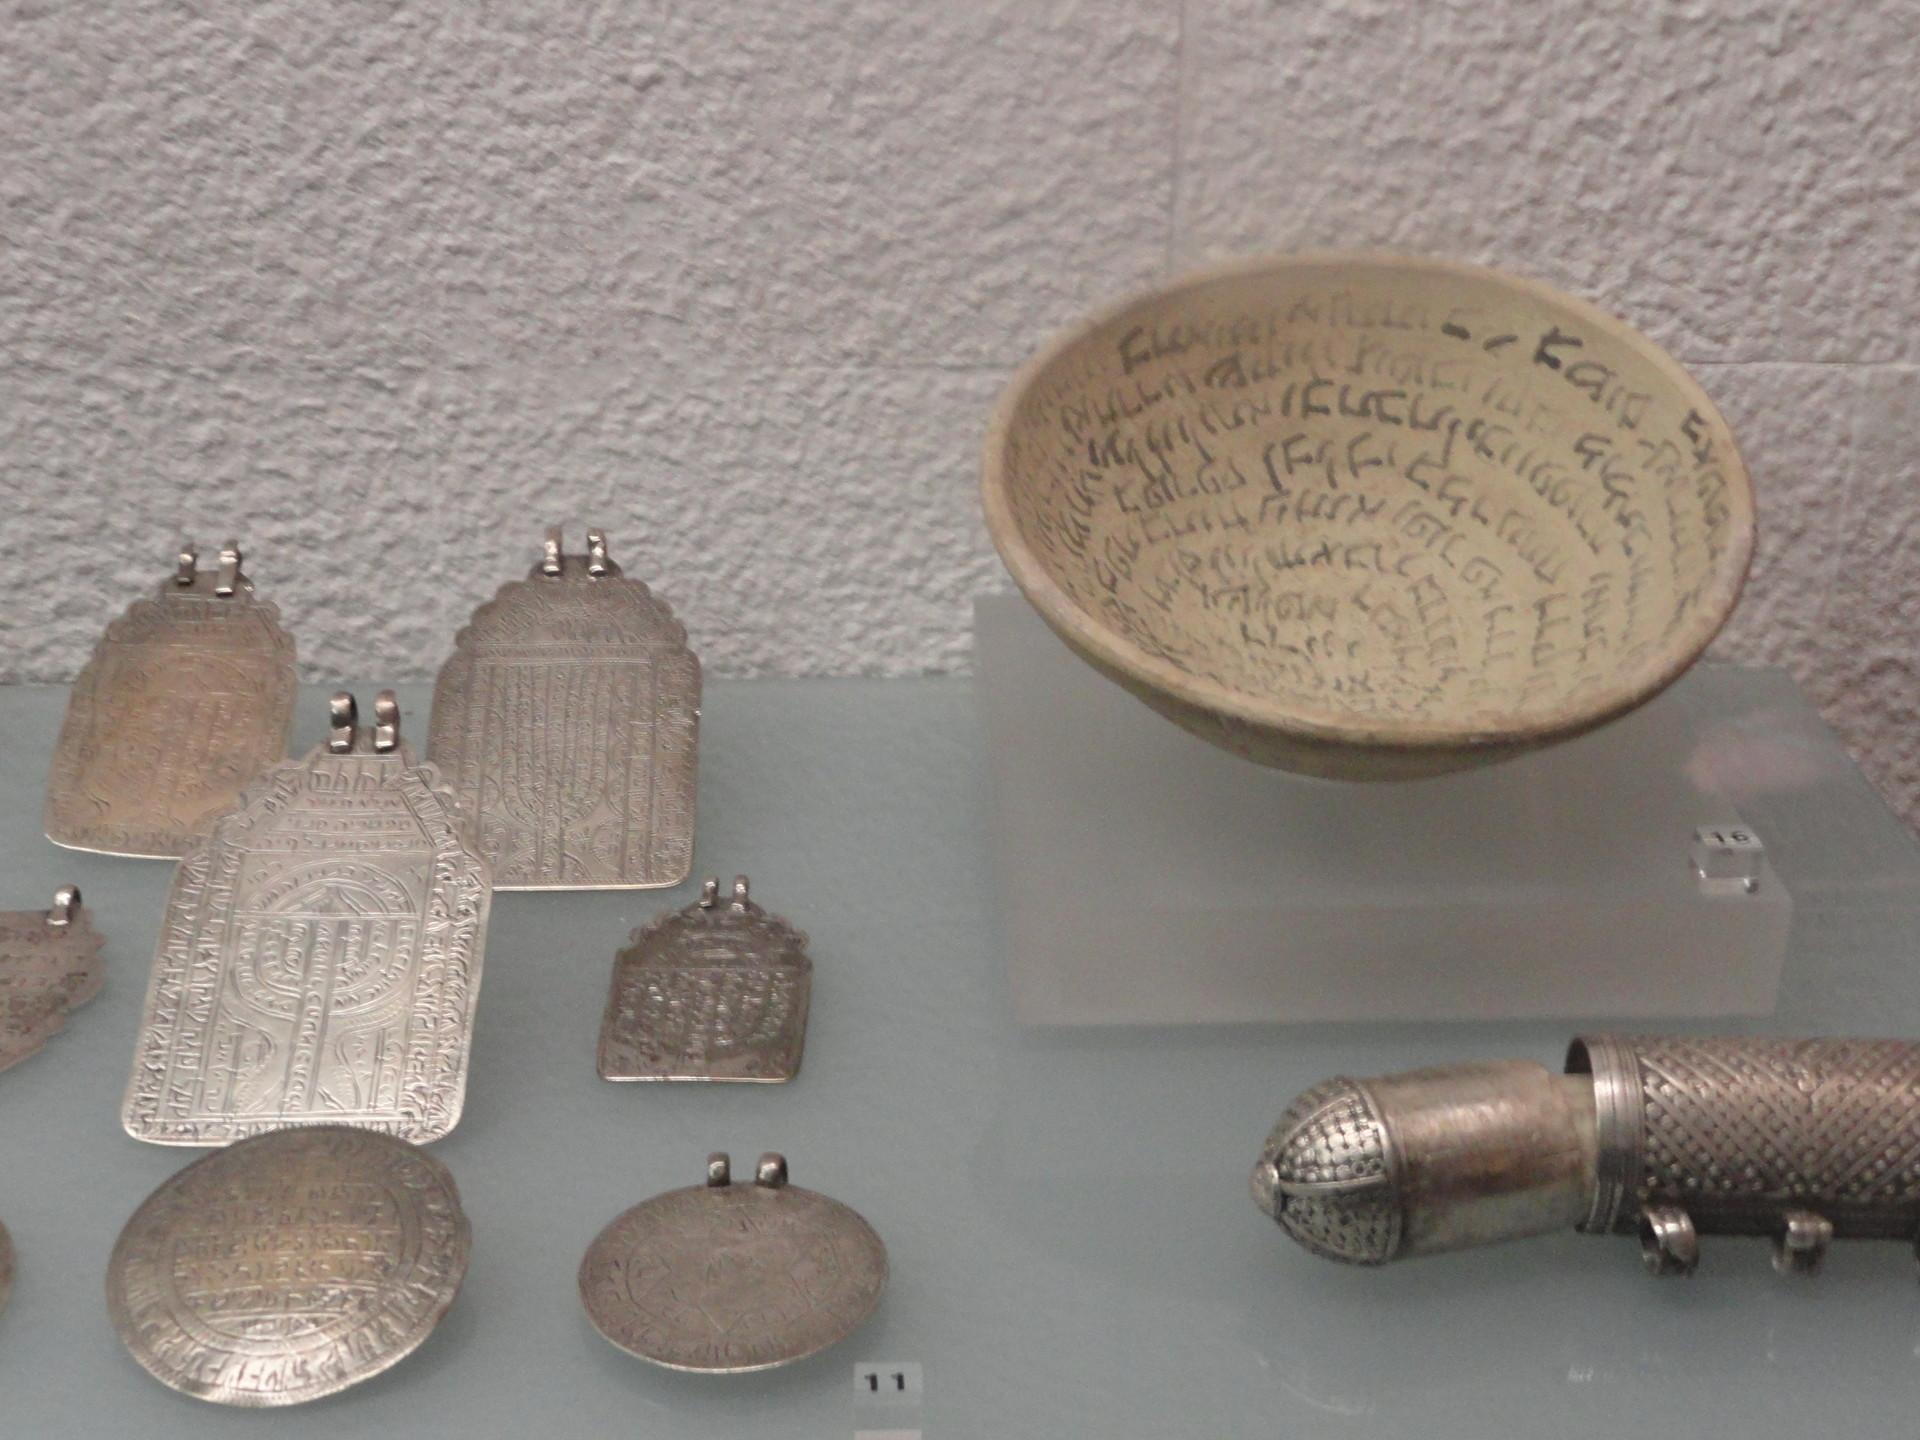 sinagoga-transito-museo-sefardi-fc1de433